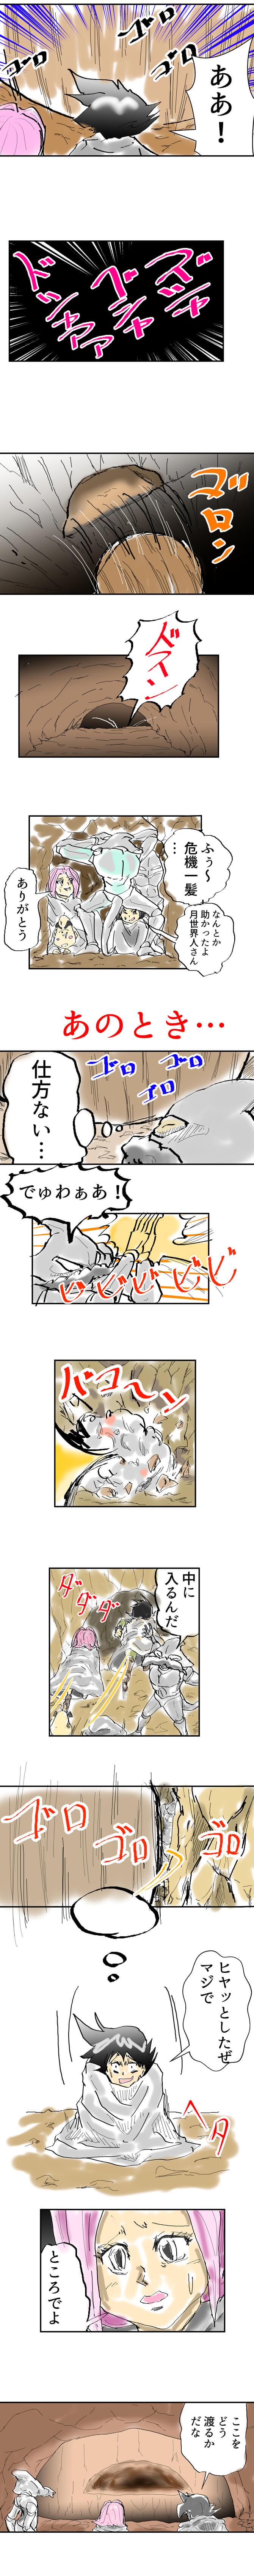 漫画「変身!ドクロイド~月世界大戦争編」25話